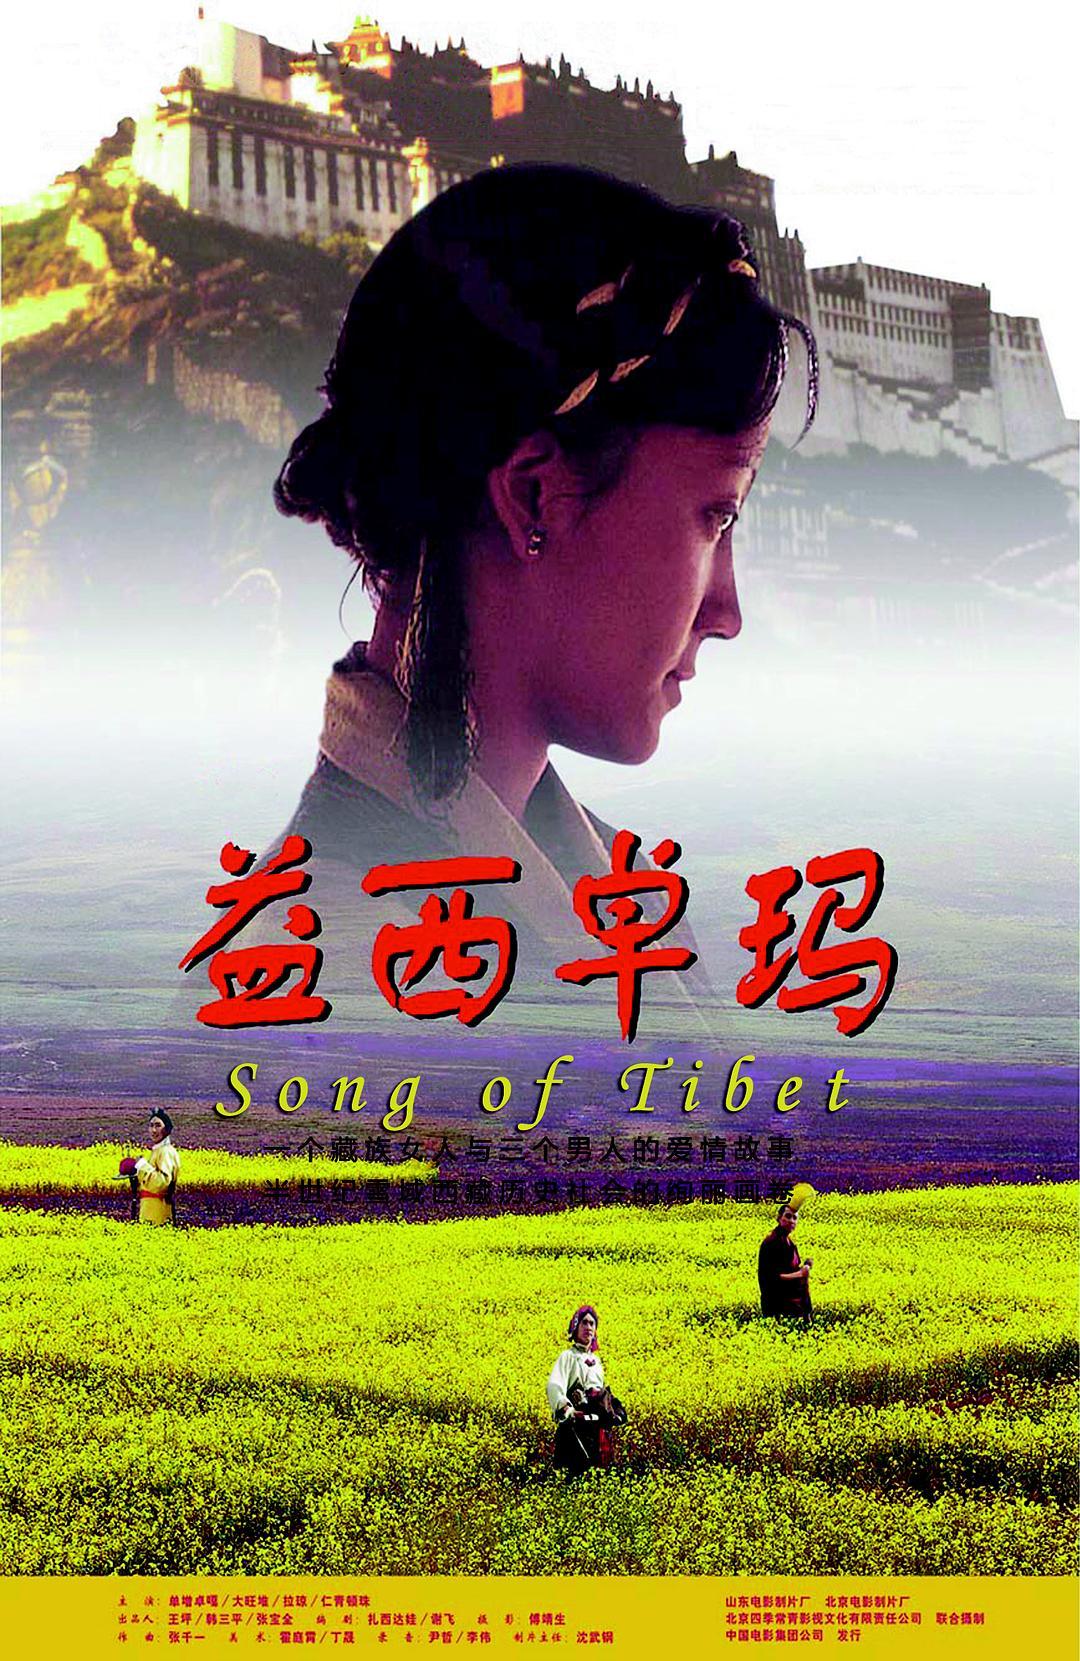 시네마차이나 in 부산 4월 상영작 <티벳의 노래> 포스터 이미지